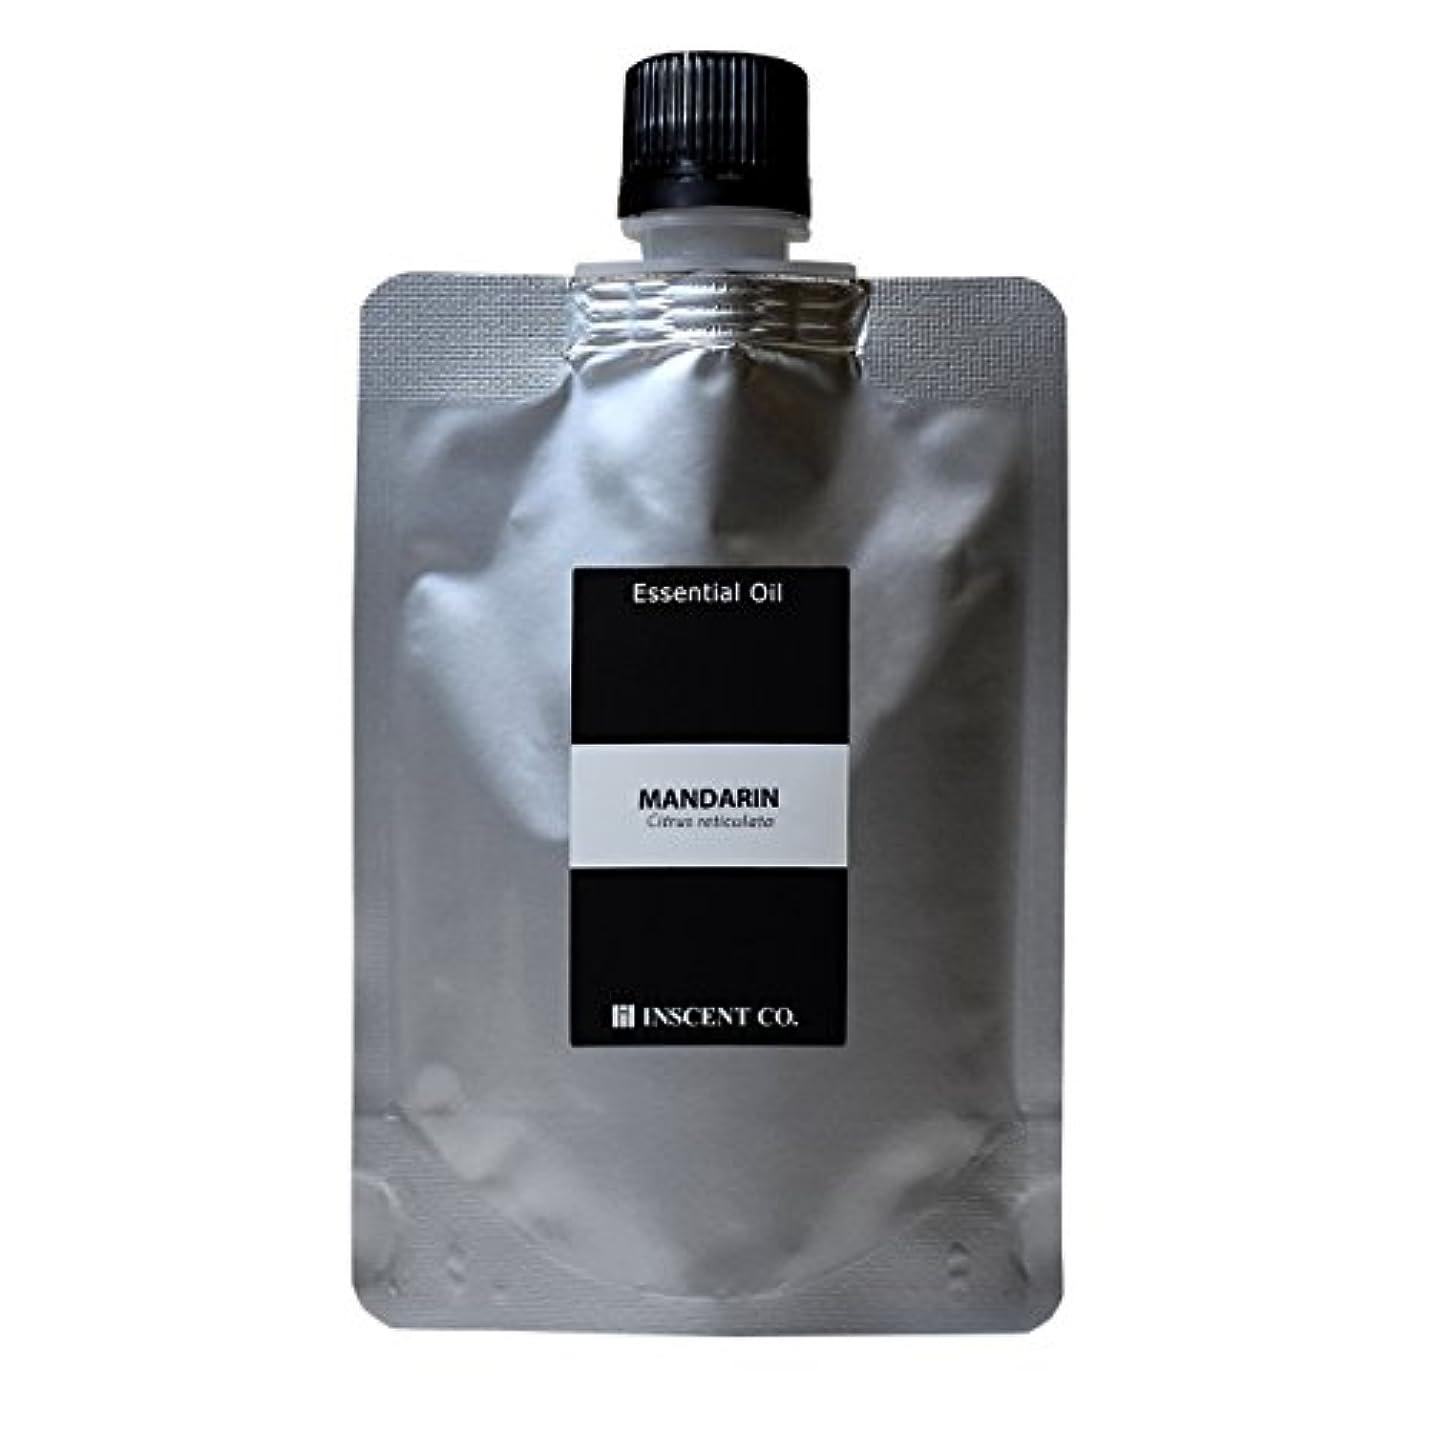 解凍する、雪解け、霜解けエトナ山製品(詰替用 アルミパック) マンダリン 50ml インセント アロマオイル AEAJ 表示基準適合認定精油